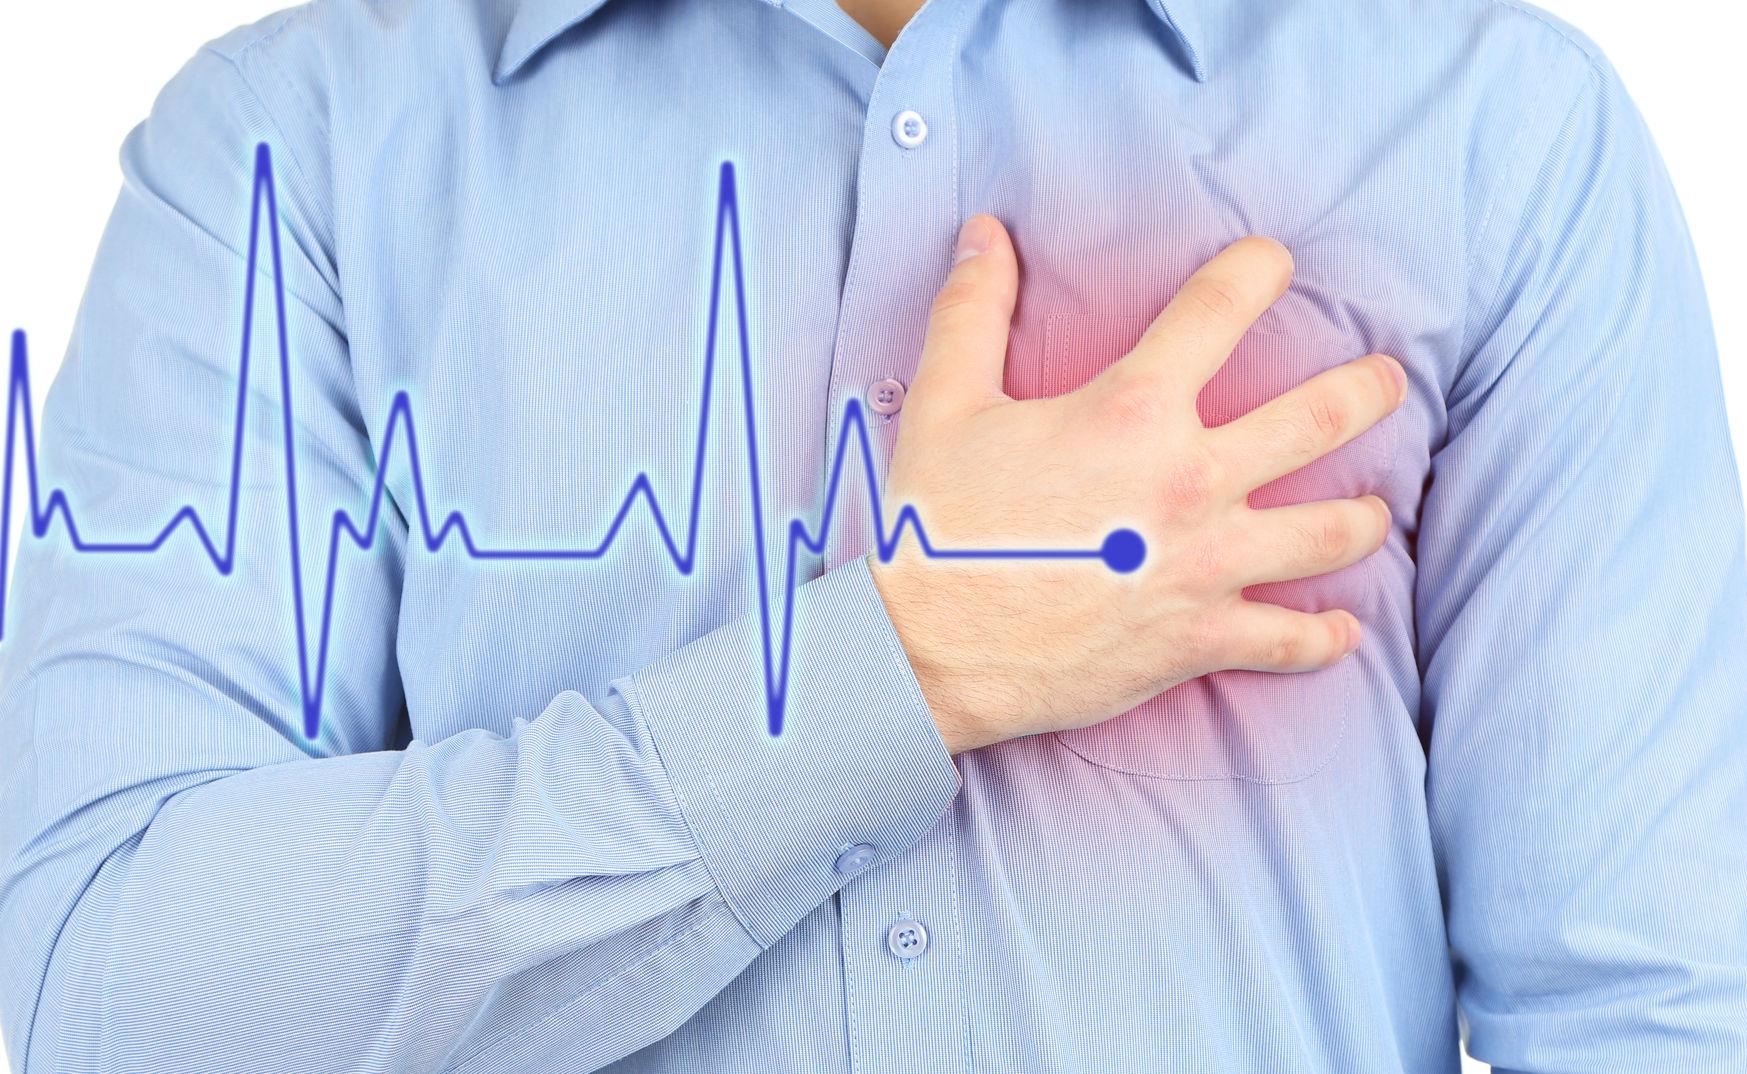 Сколько живут с хронической сердечной недостаточностью